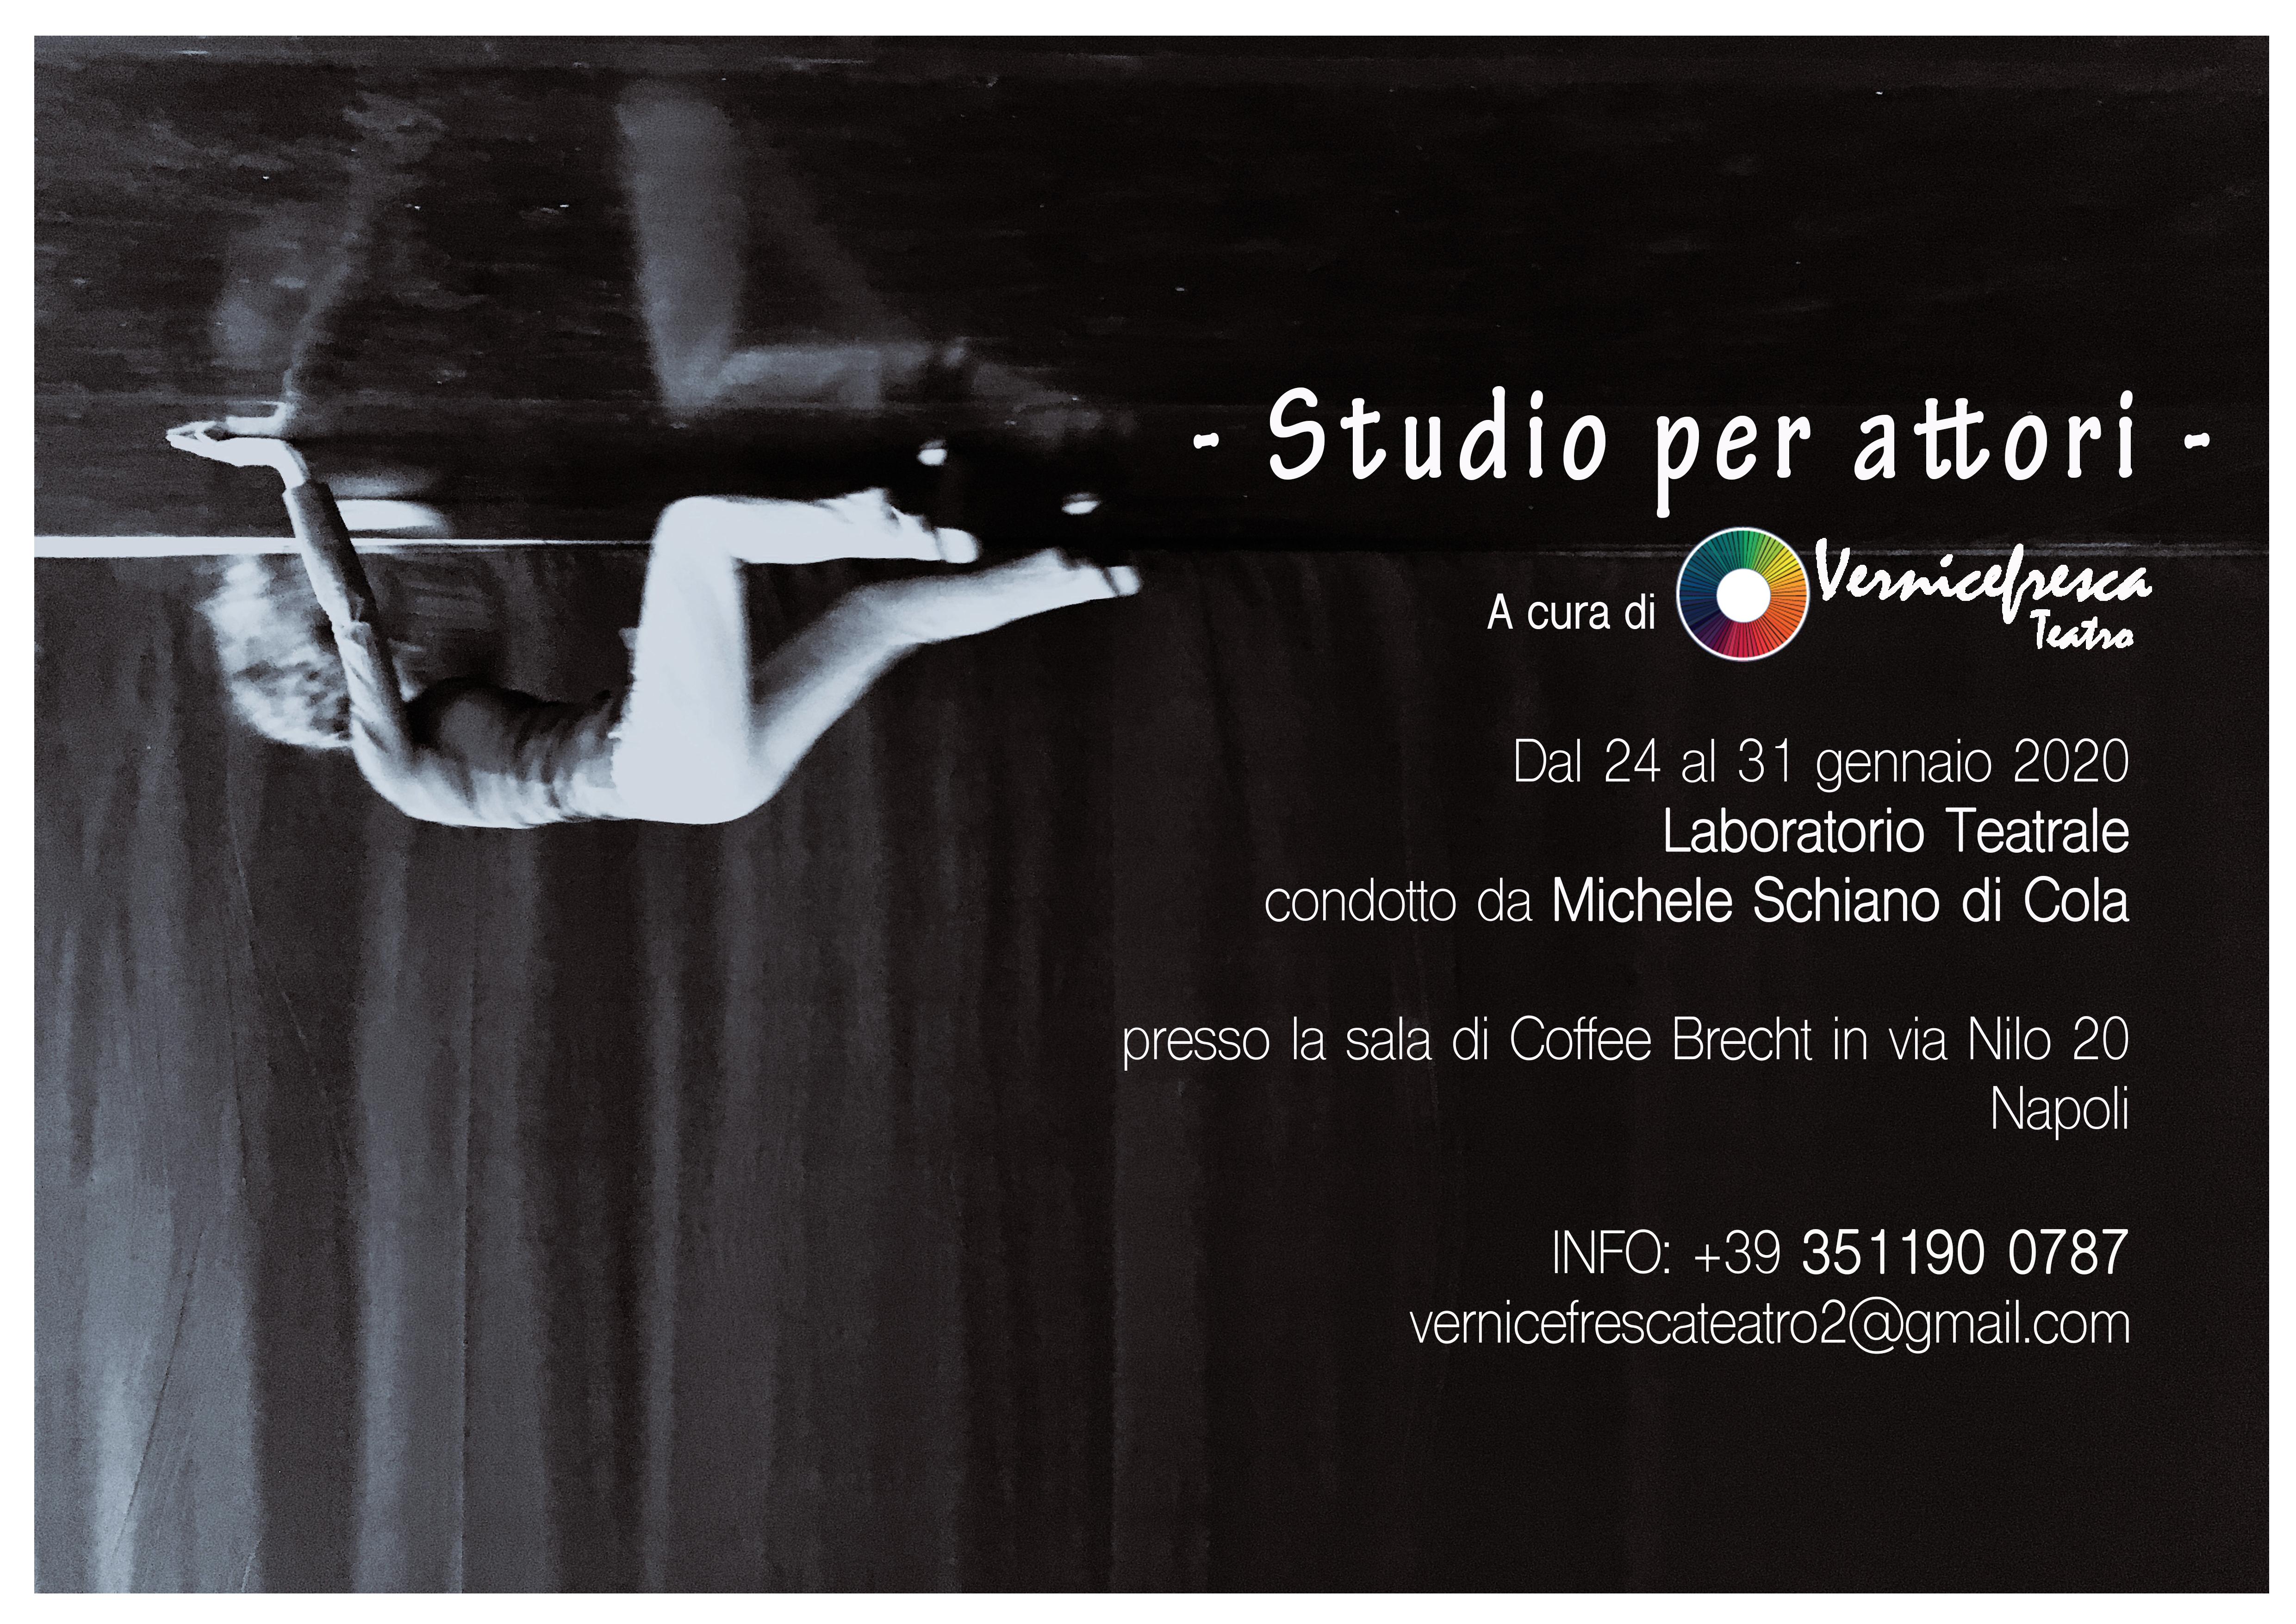 Laboratorio a cura di Michele Schiano di Cola – Studio per attori